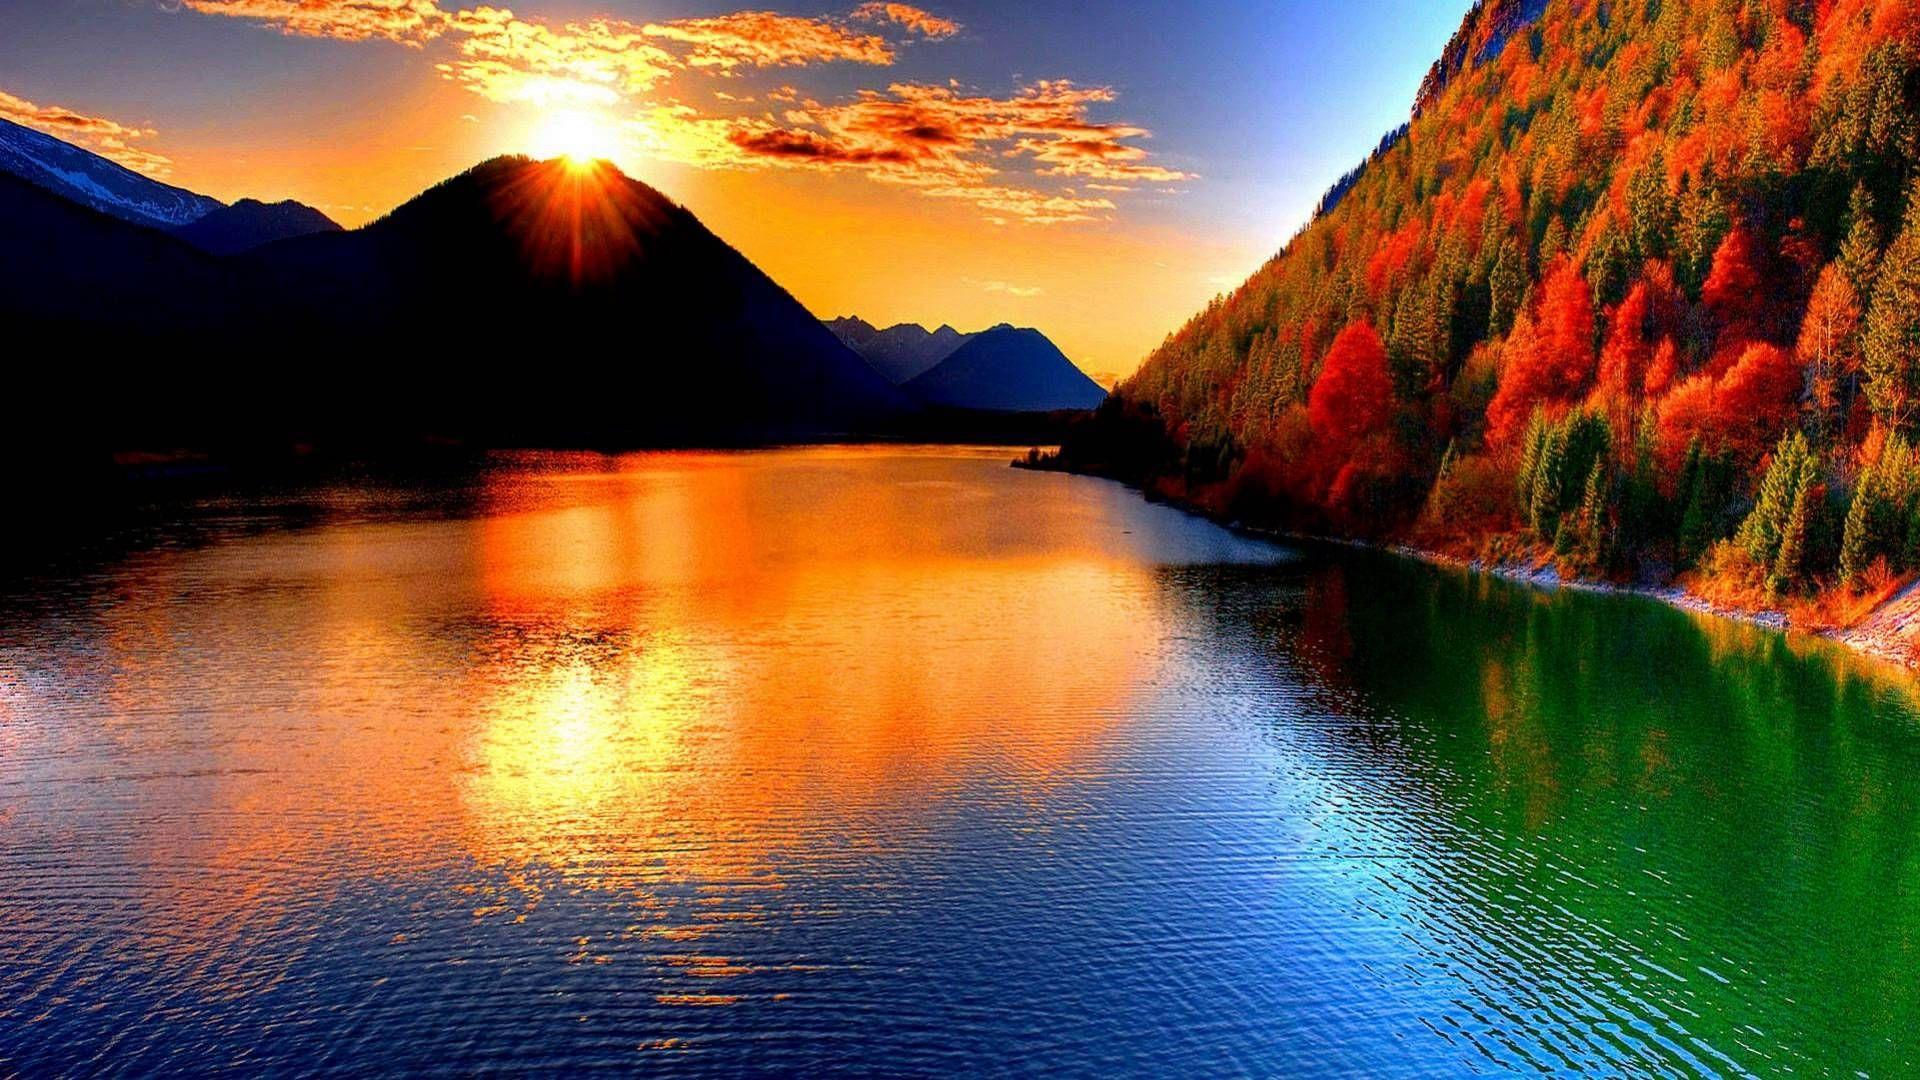 Beautiful mountains photo